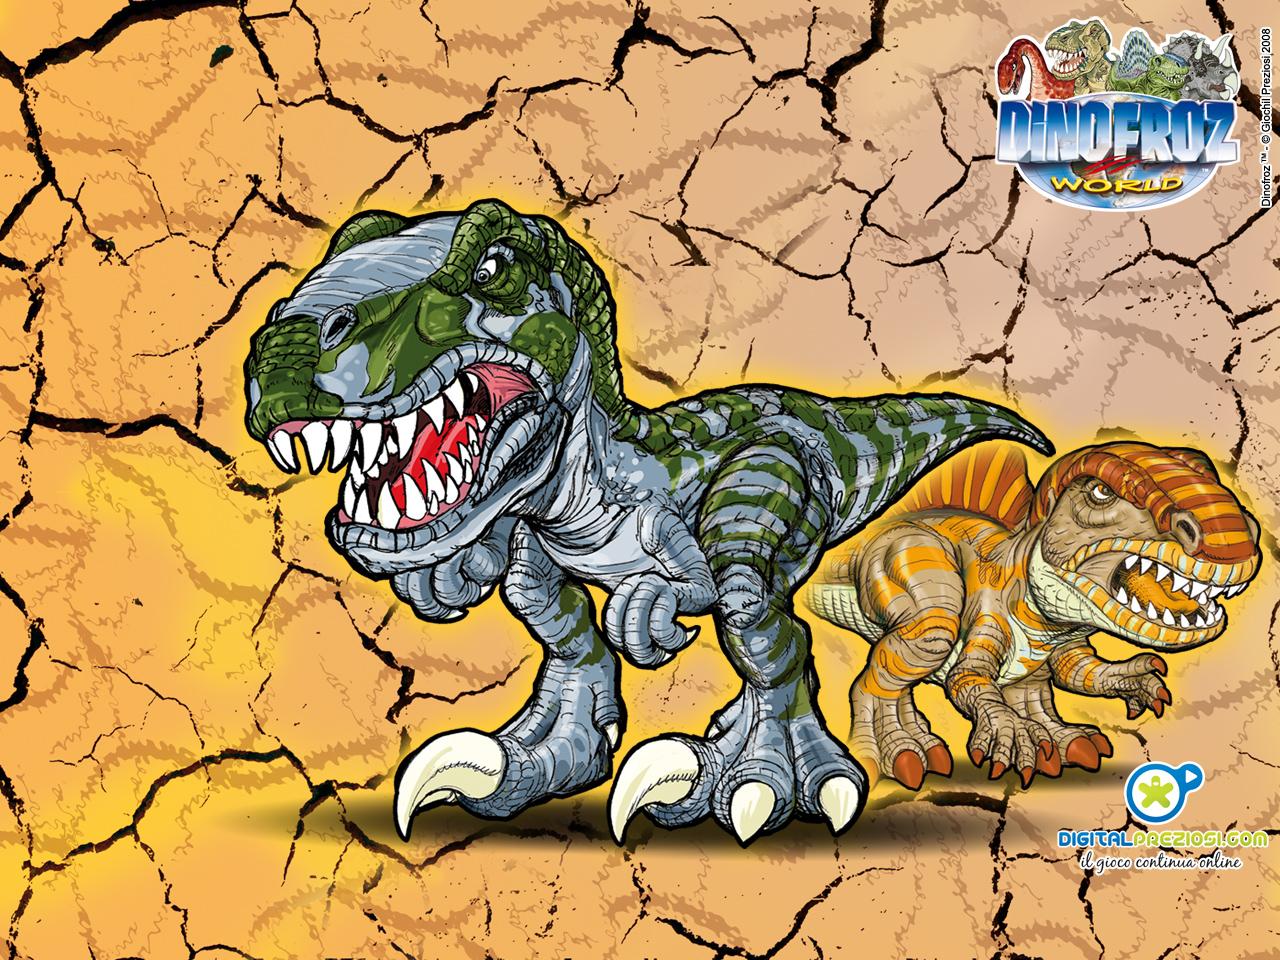 illustrazione dinofroz